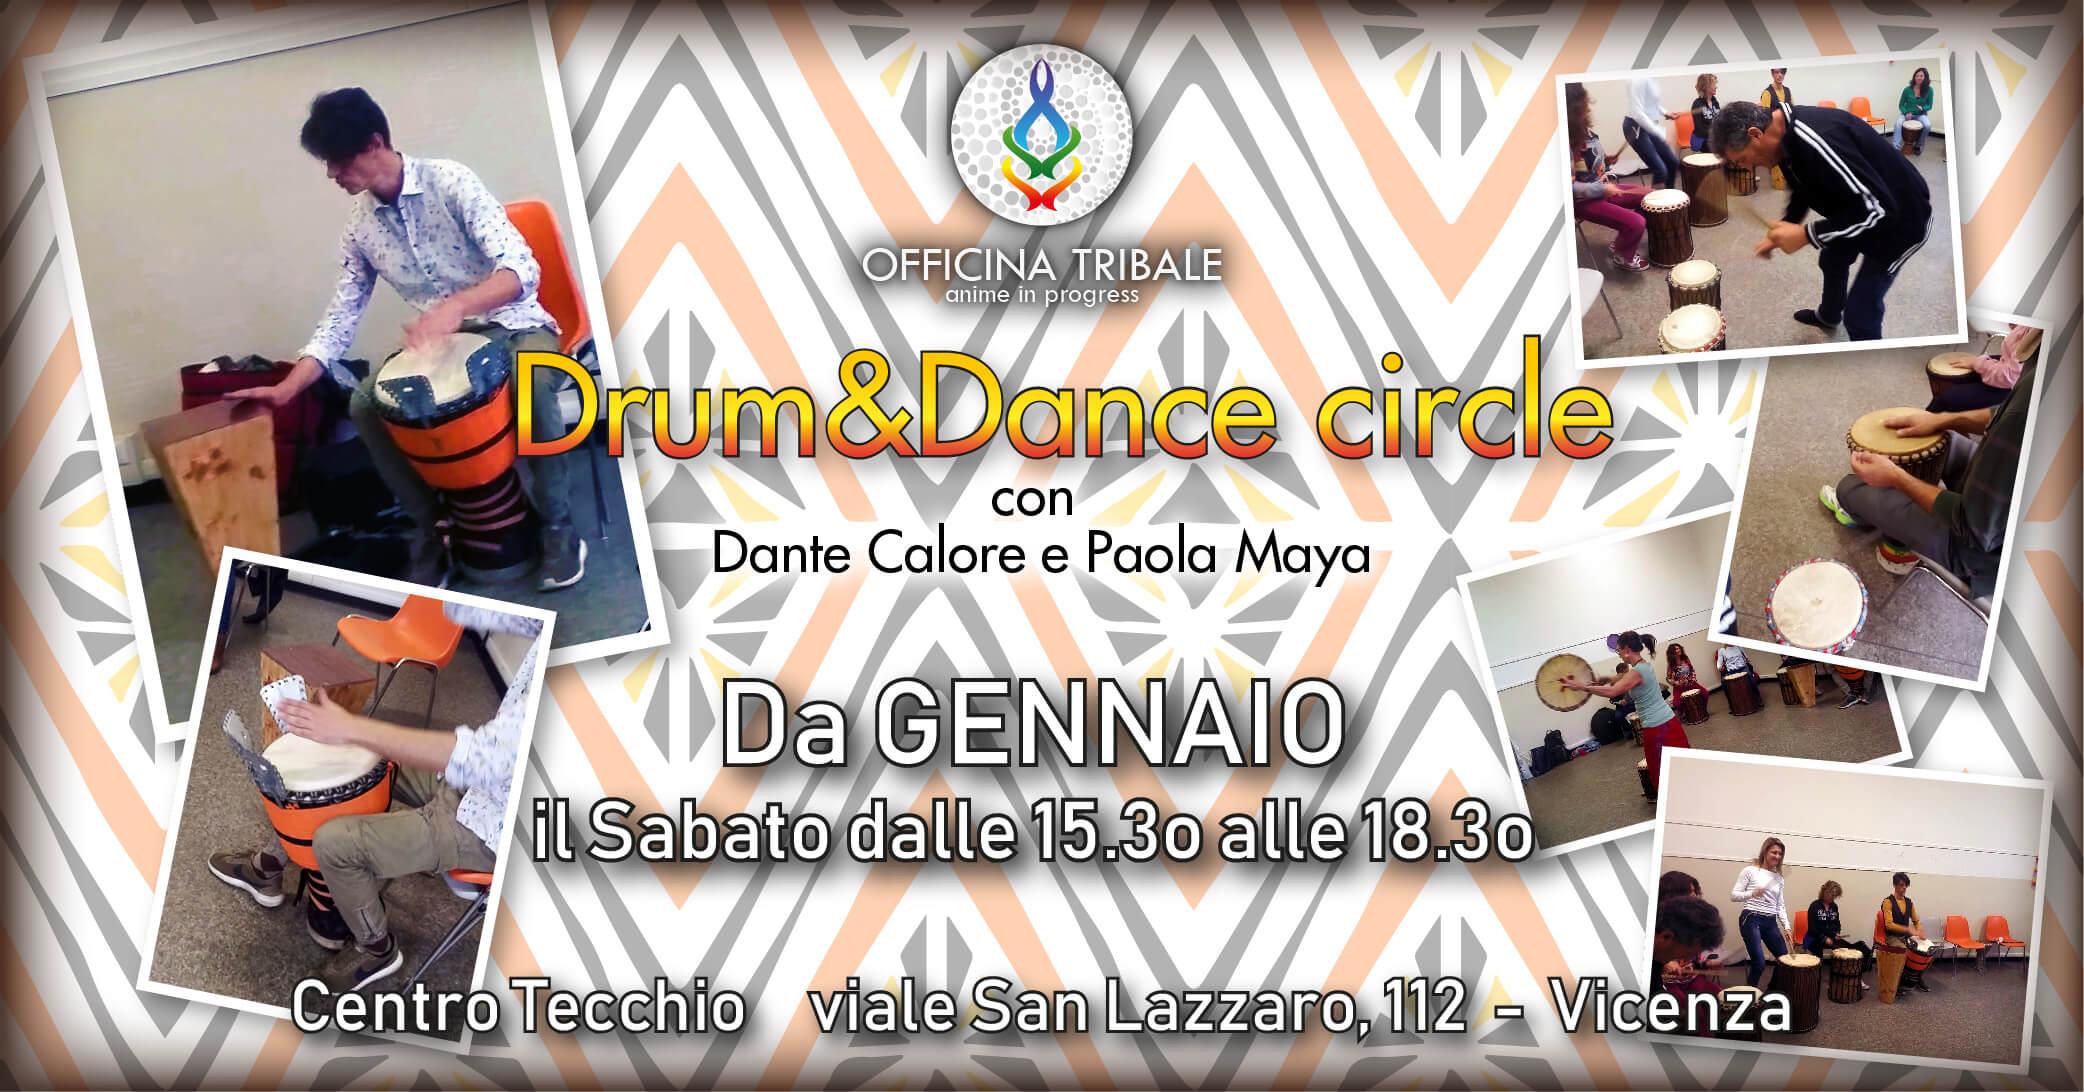 DRUM&DANCE CIRCLE incontri mensili con Dante Calore e Paola Maya